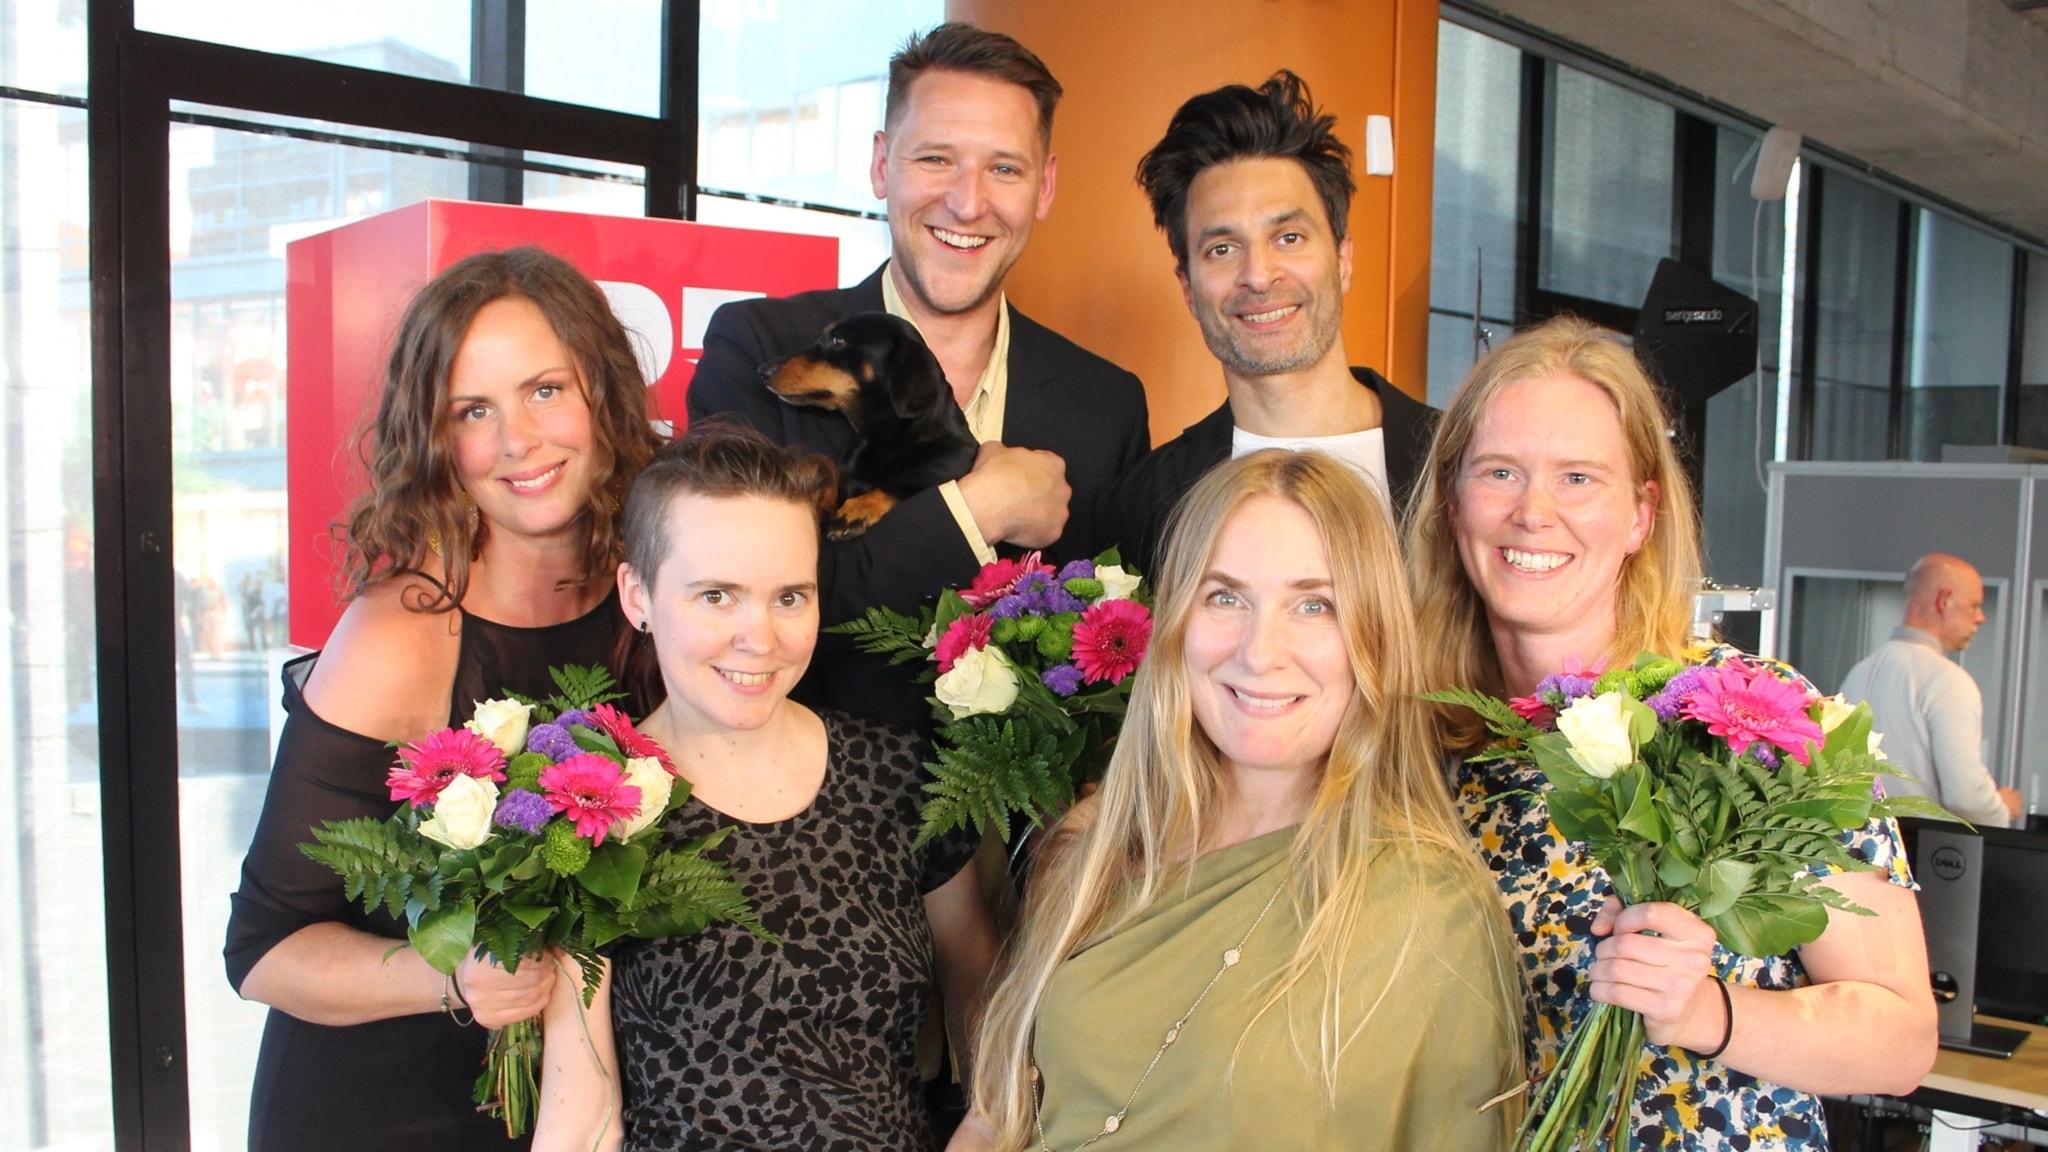 Lantzkampen med Hanna Hellquist, Hannes Fossbo, Kim Veerabuthroo Nordberg, Maja Reichard, Annika Lantz och  Sara Lövestam!